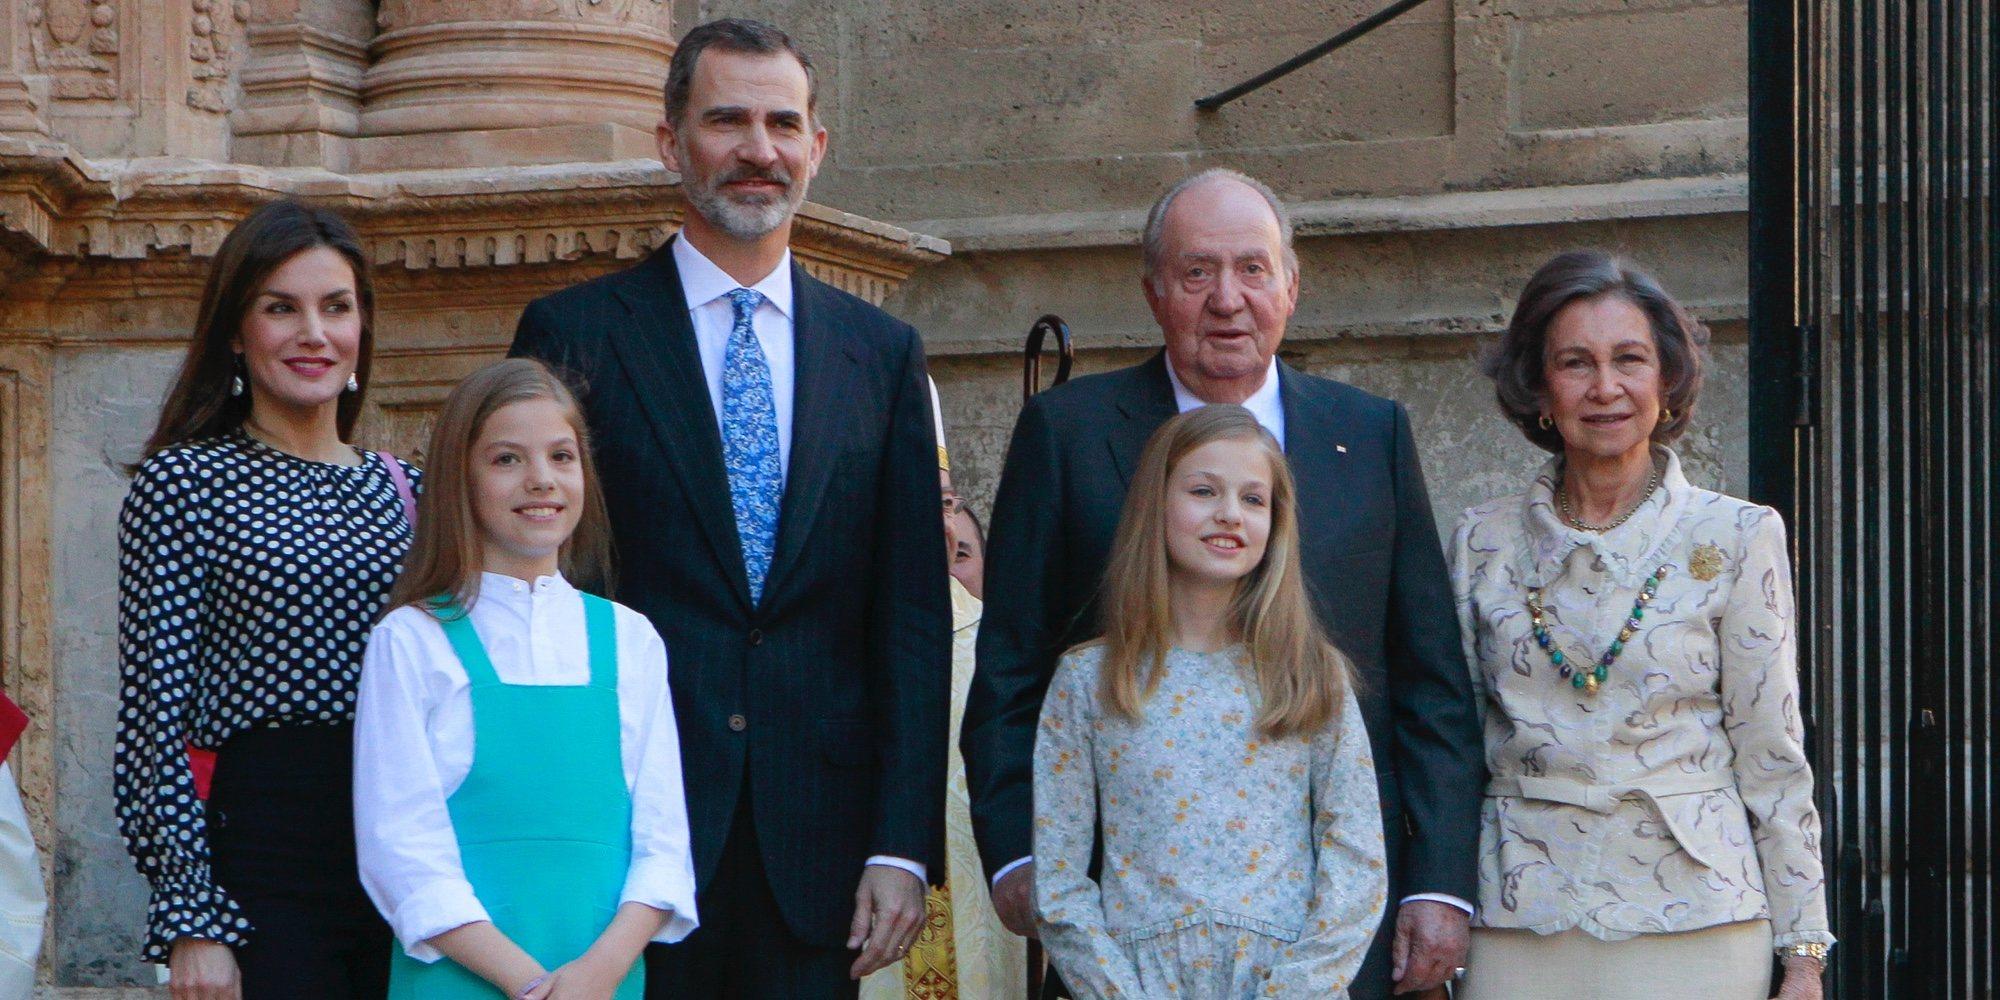 Los Reyes Felipe y Letizia y sus hijas Leonor y Sofía acuden a la Misa de Pascua 2018 junto a los Reyes Juan Carlos y Sofía